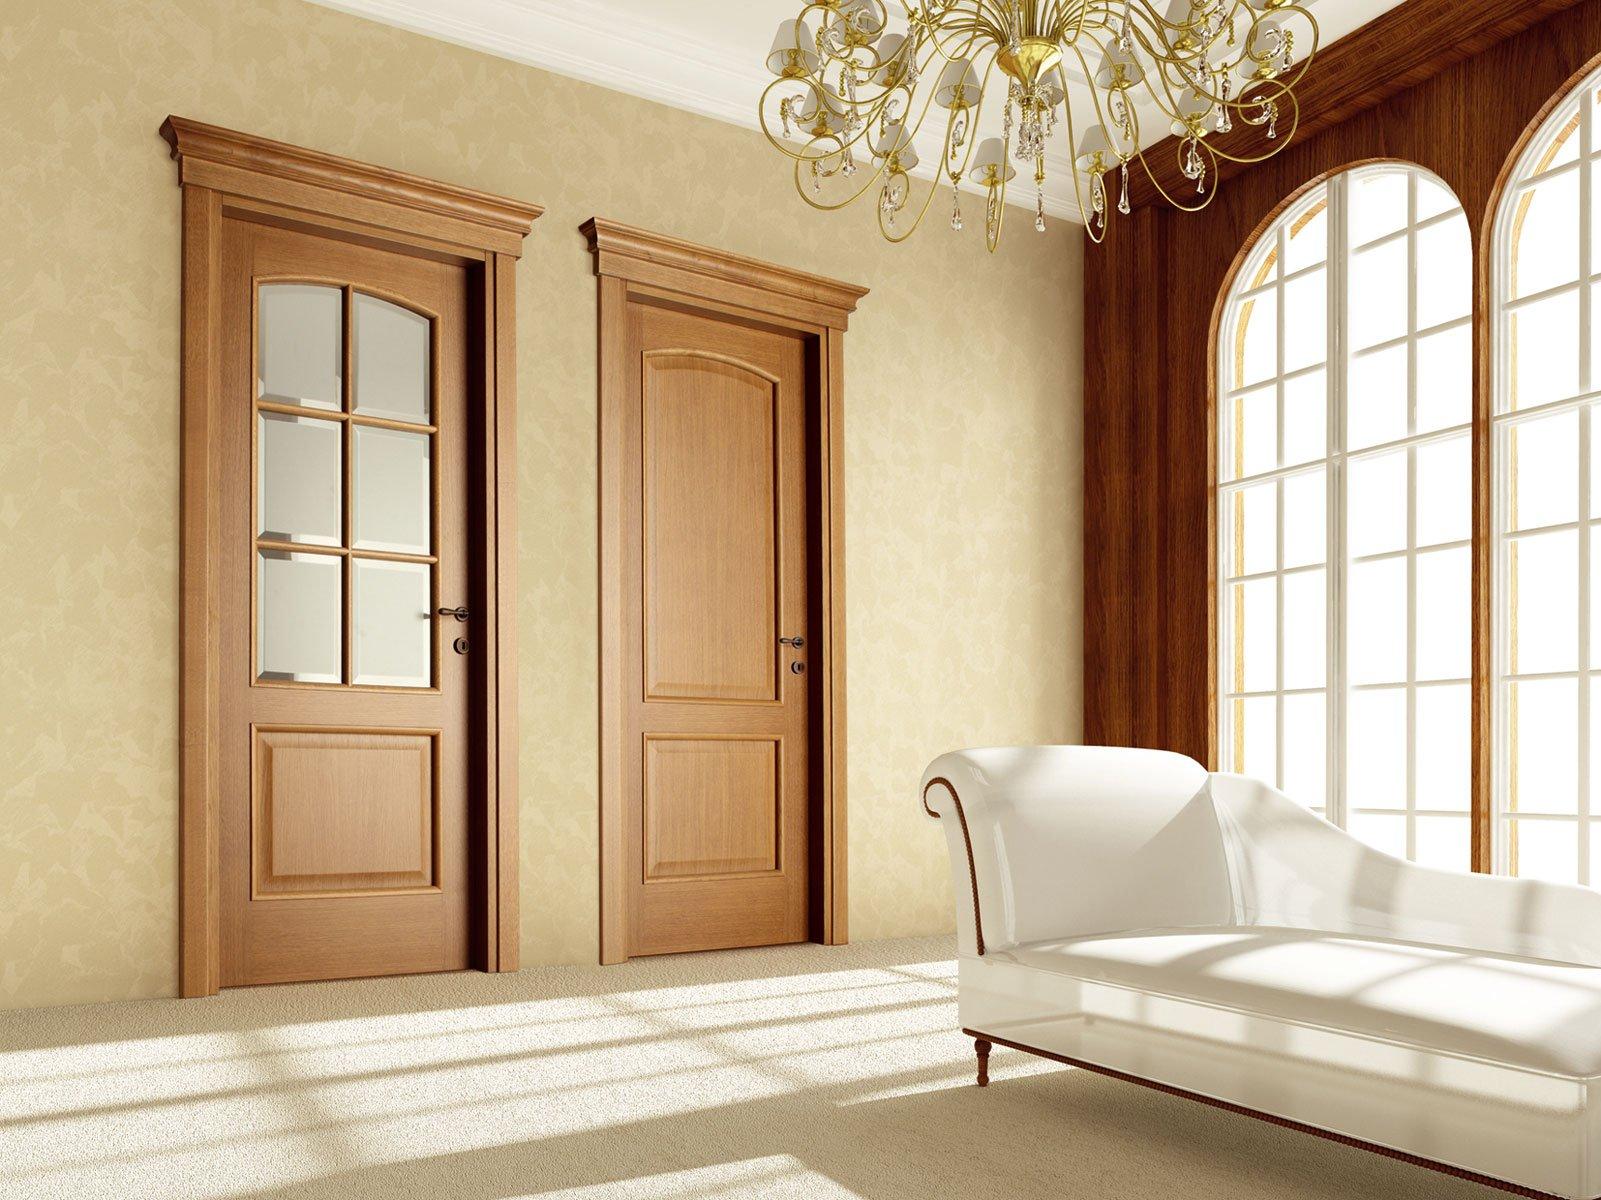 Картинки дверей в гостиную